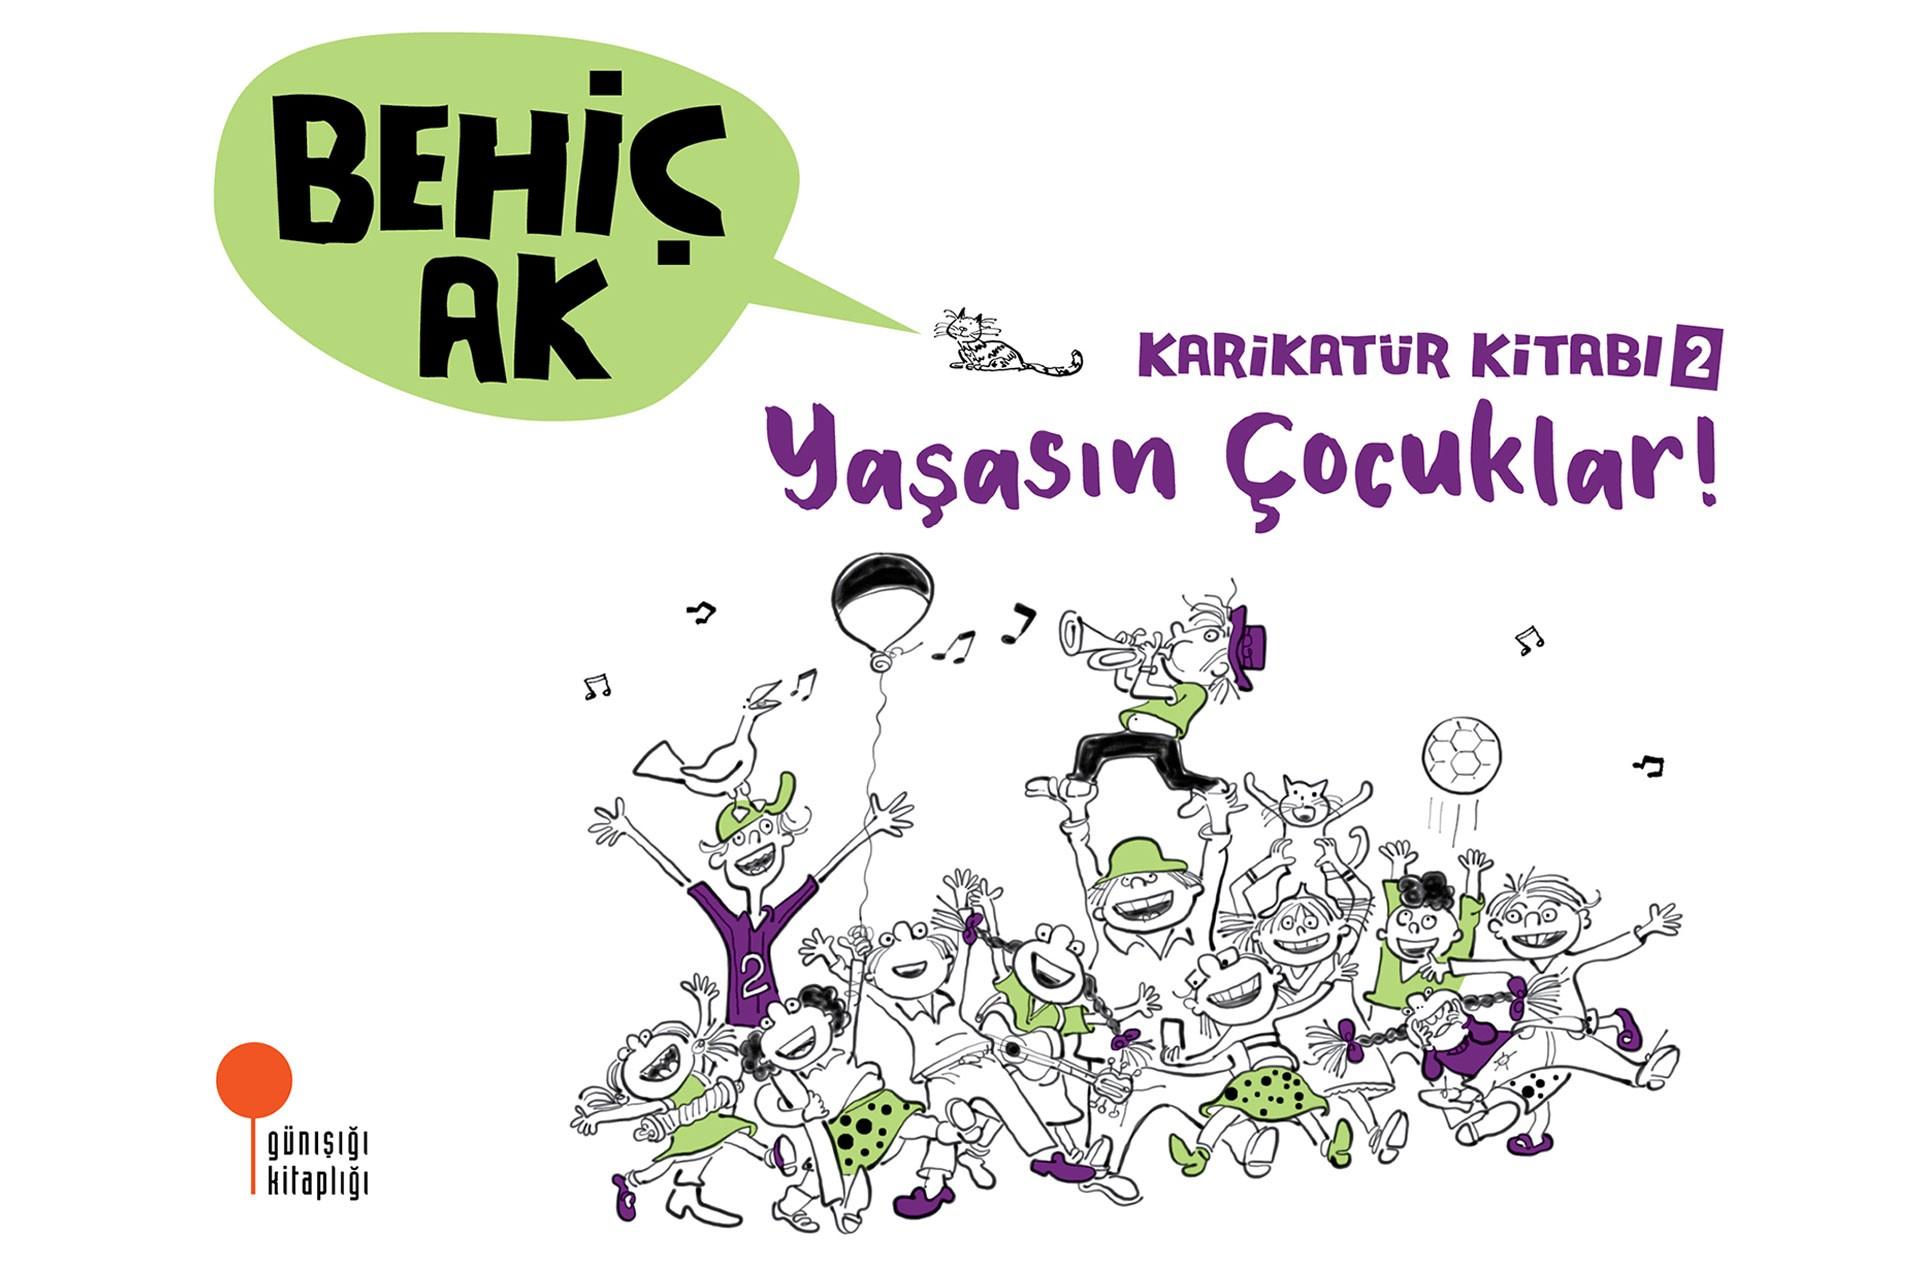 'Karikatür Kitabı 2 - Yaşasın Çocuklar' kitabının kapağı